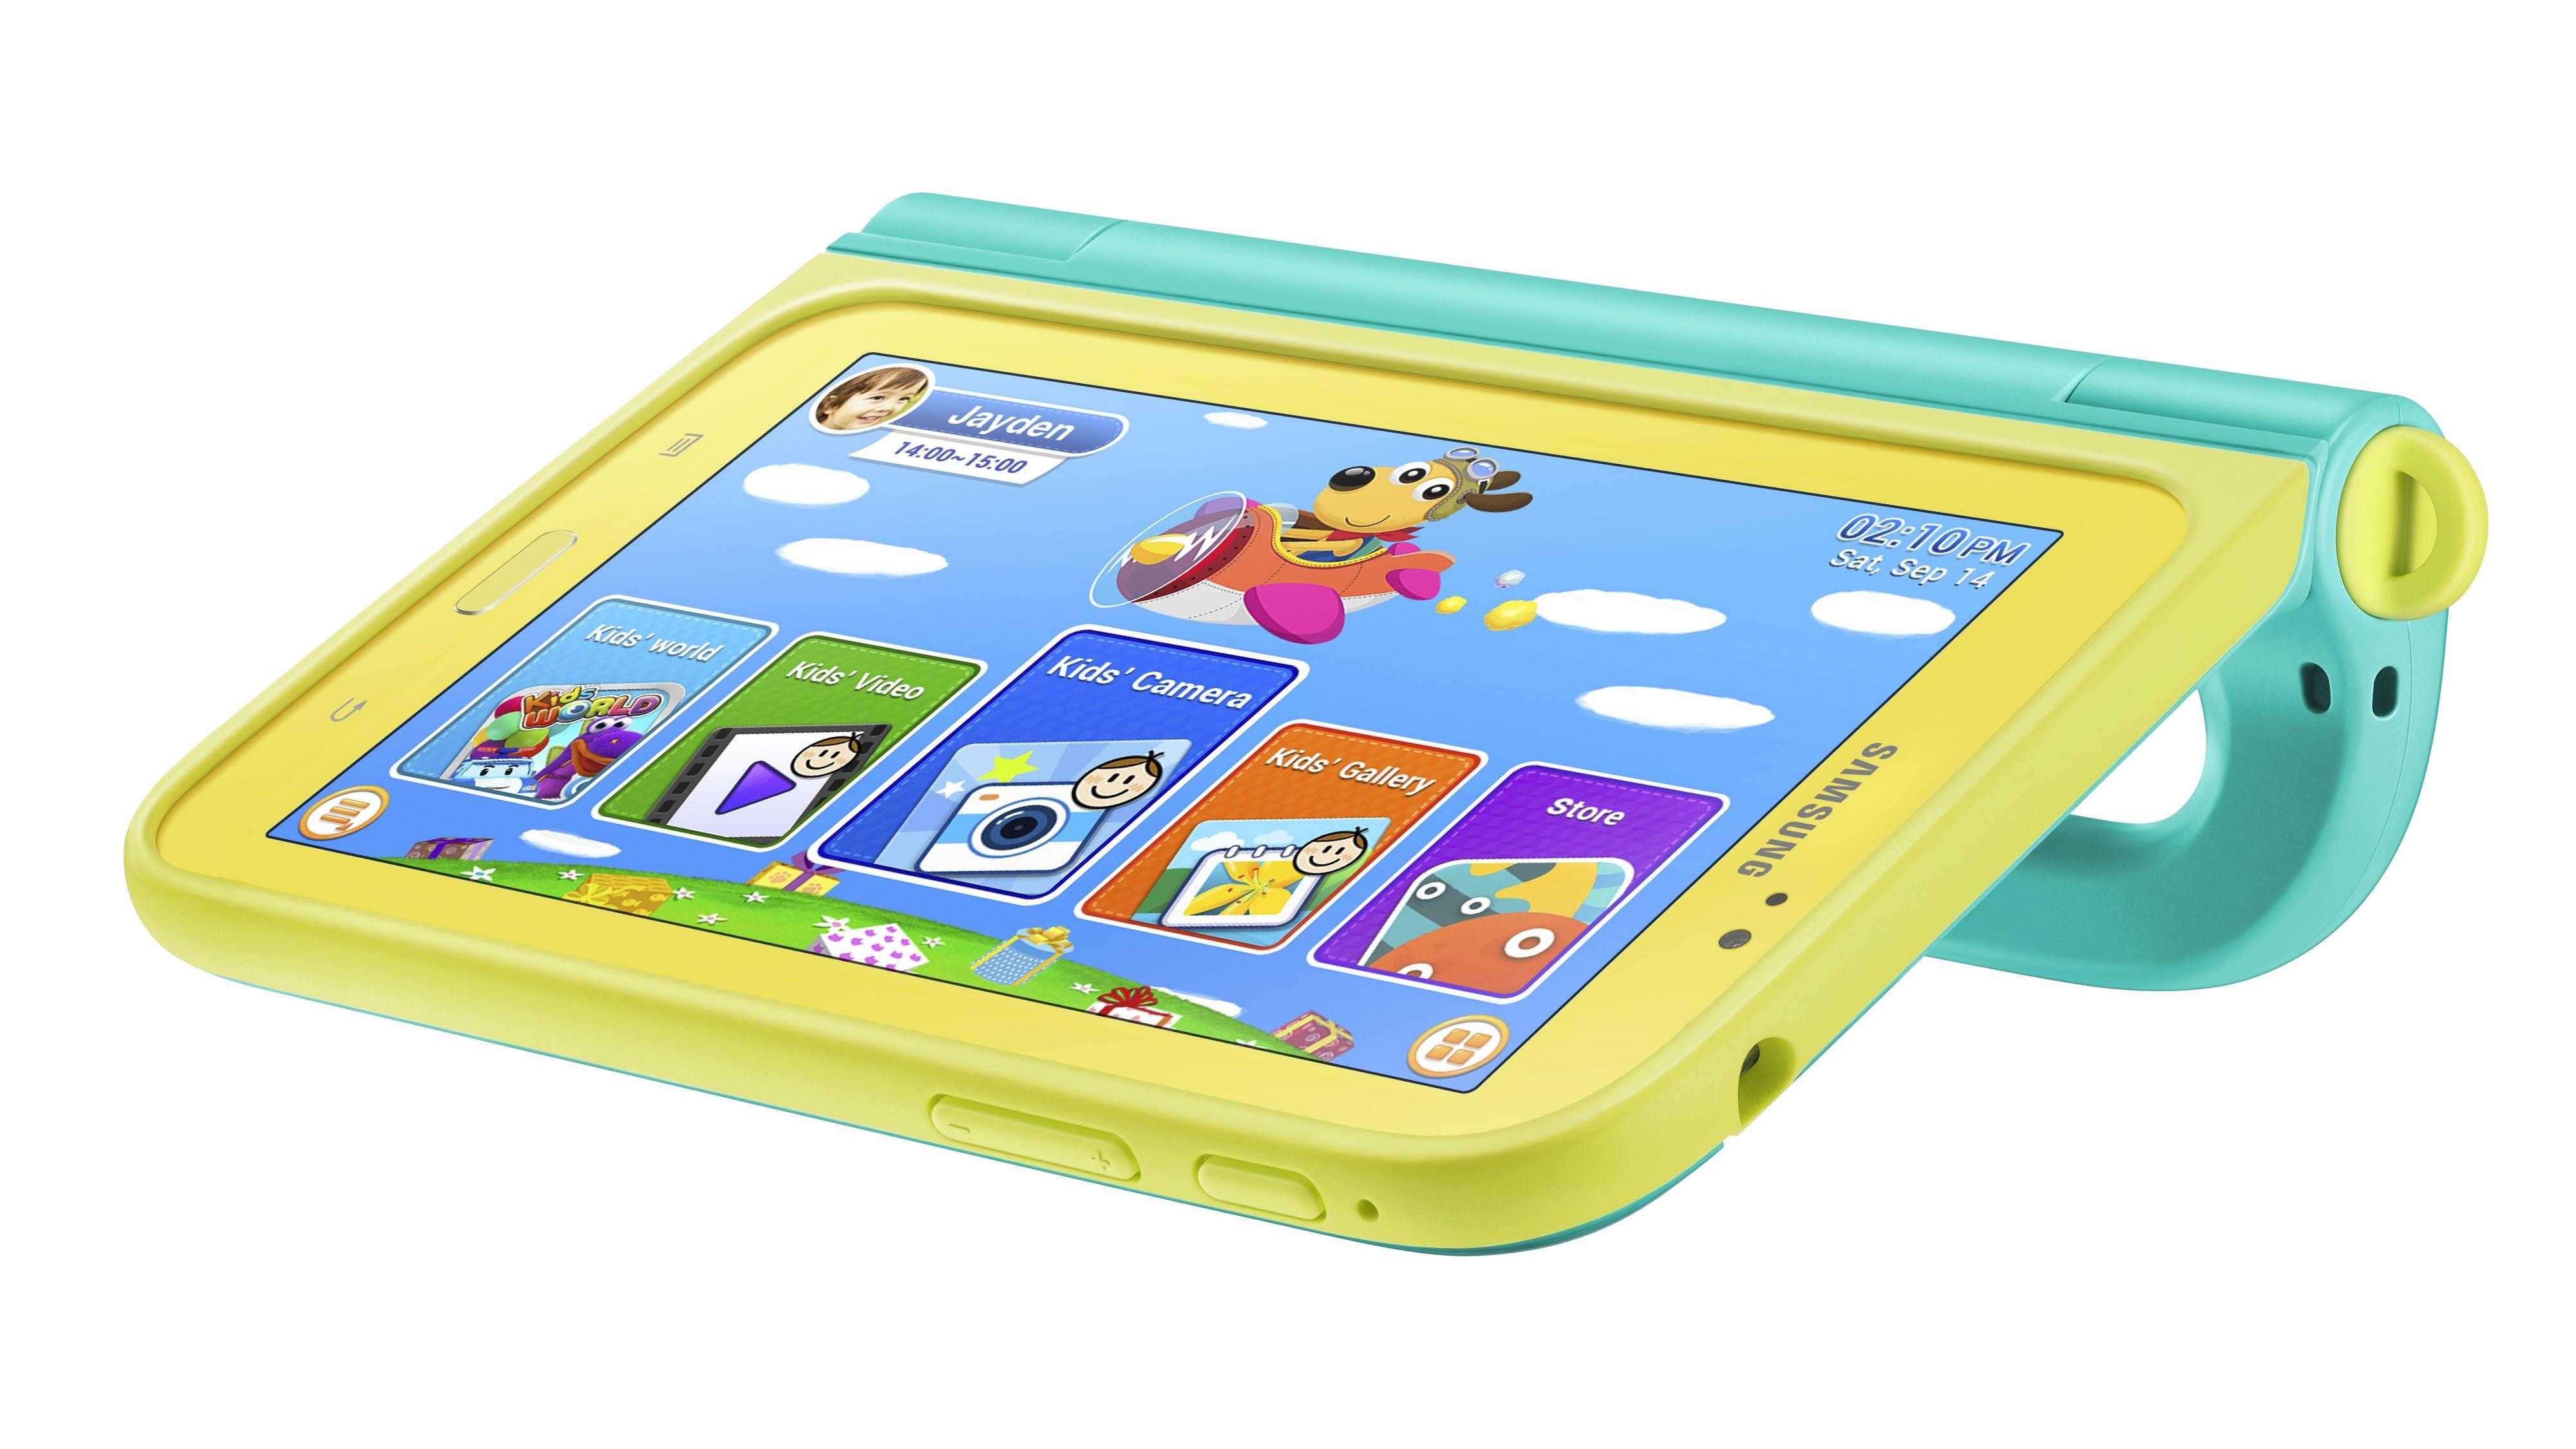 Samsung lanserer nettbrett for barn